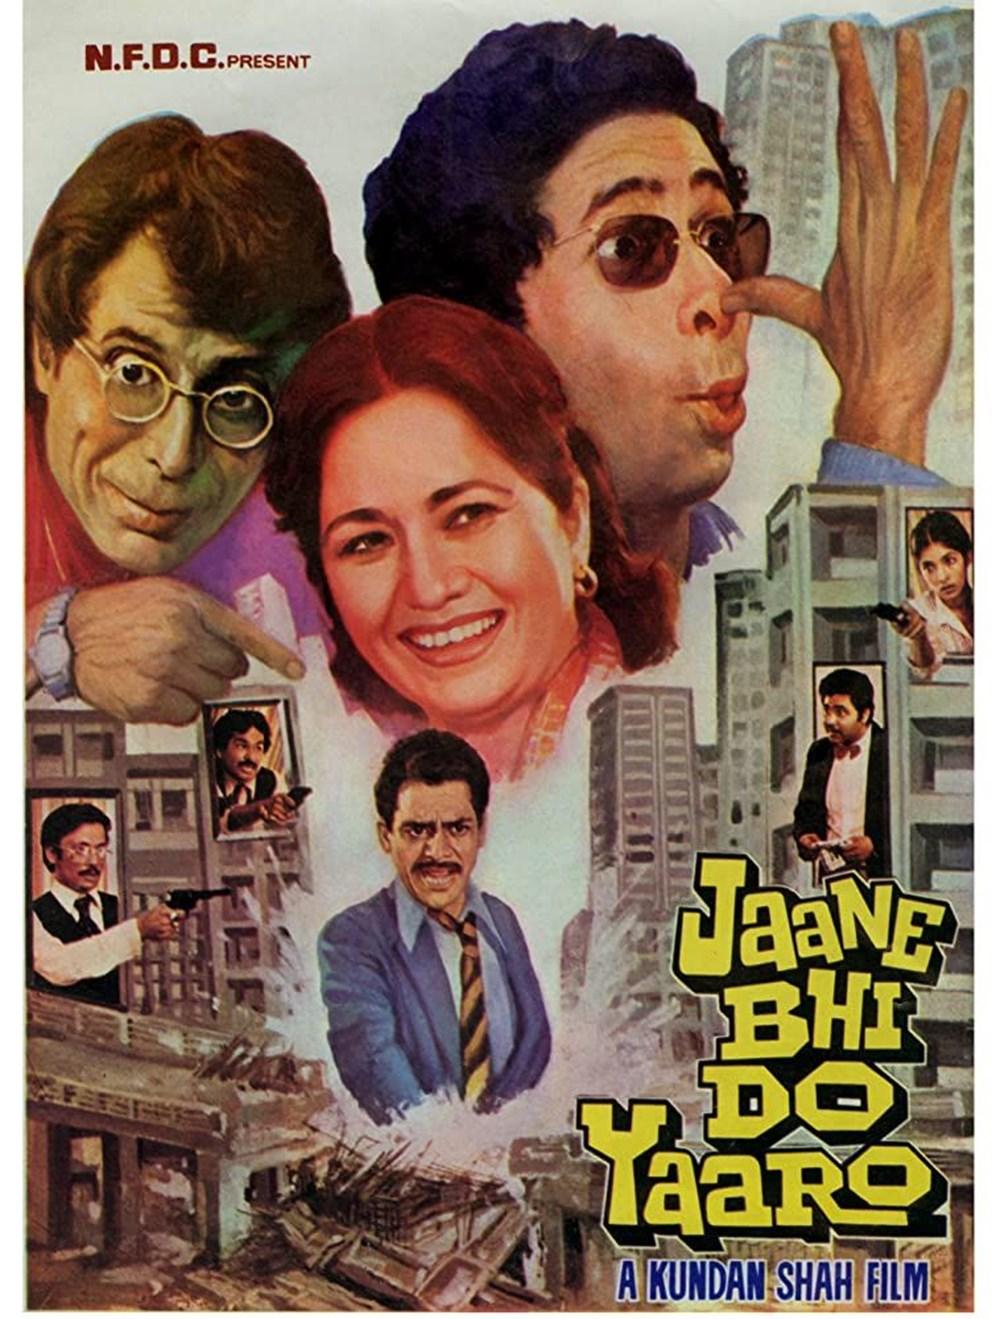 En iyi Hint filmleri - IMDb verileri (Bollywood sineması) - 32